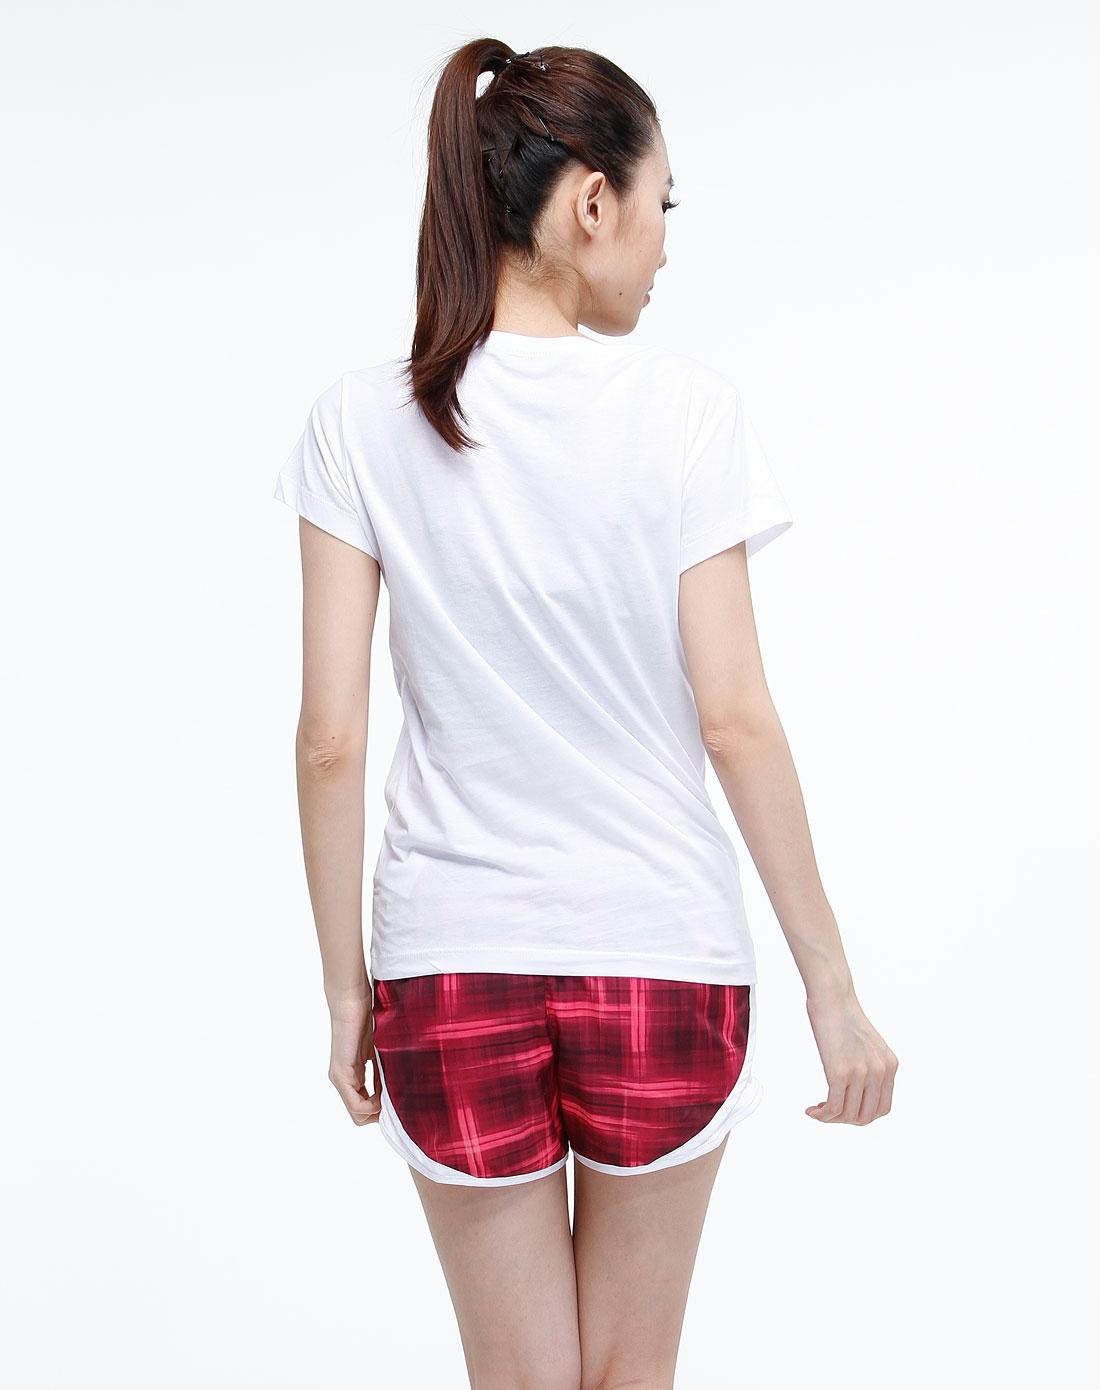 白色个性印花图案案运动生活短袖t恤